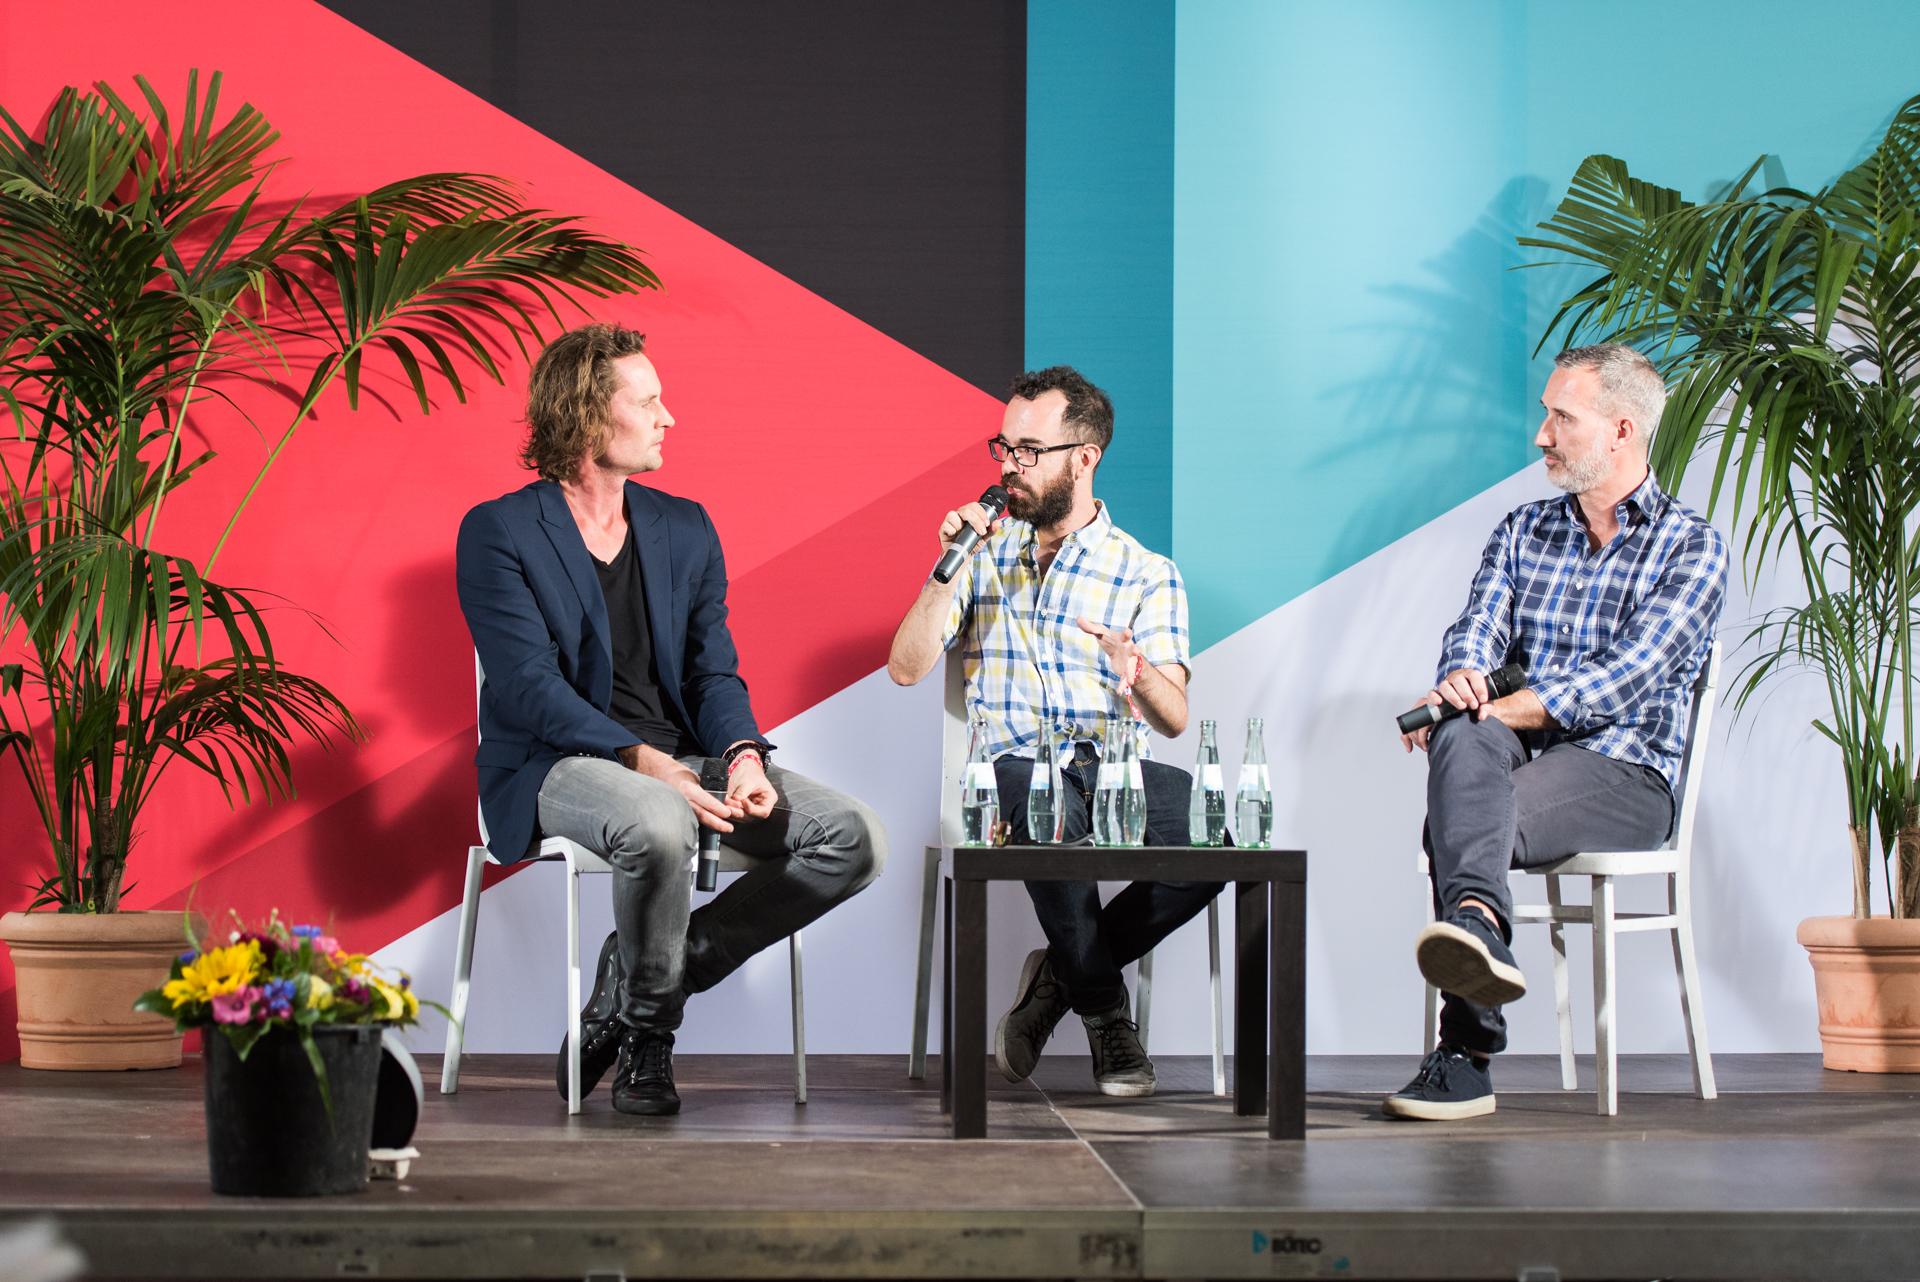 Eric Wahlforss (Founder & CTO, SoundCloud), Peter Kirn (Create Digital Media) und Daniel Haver (CEO, Native Instruments) at Tech Open Air Berlin 2015 (c) Tech Open Air, Credits: Stefan Wieland